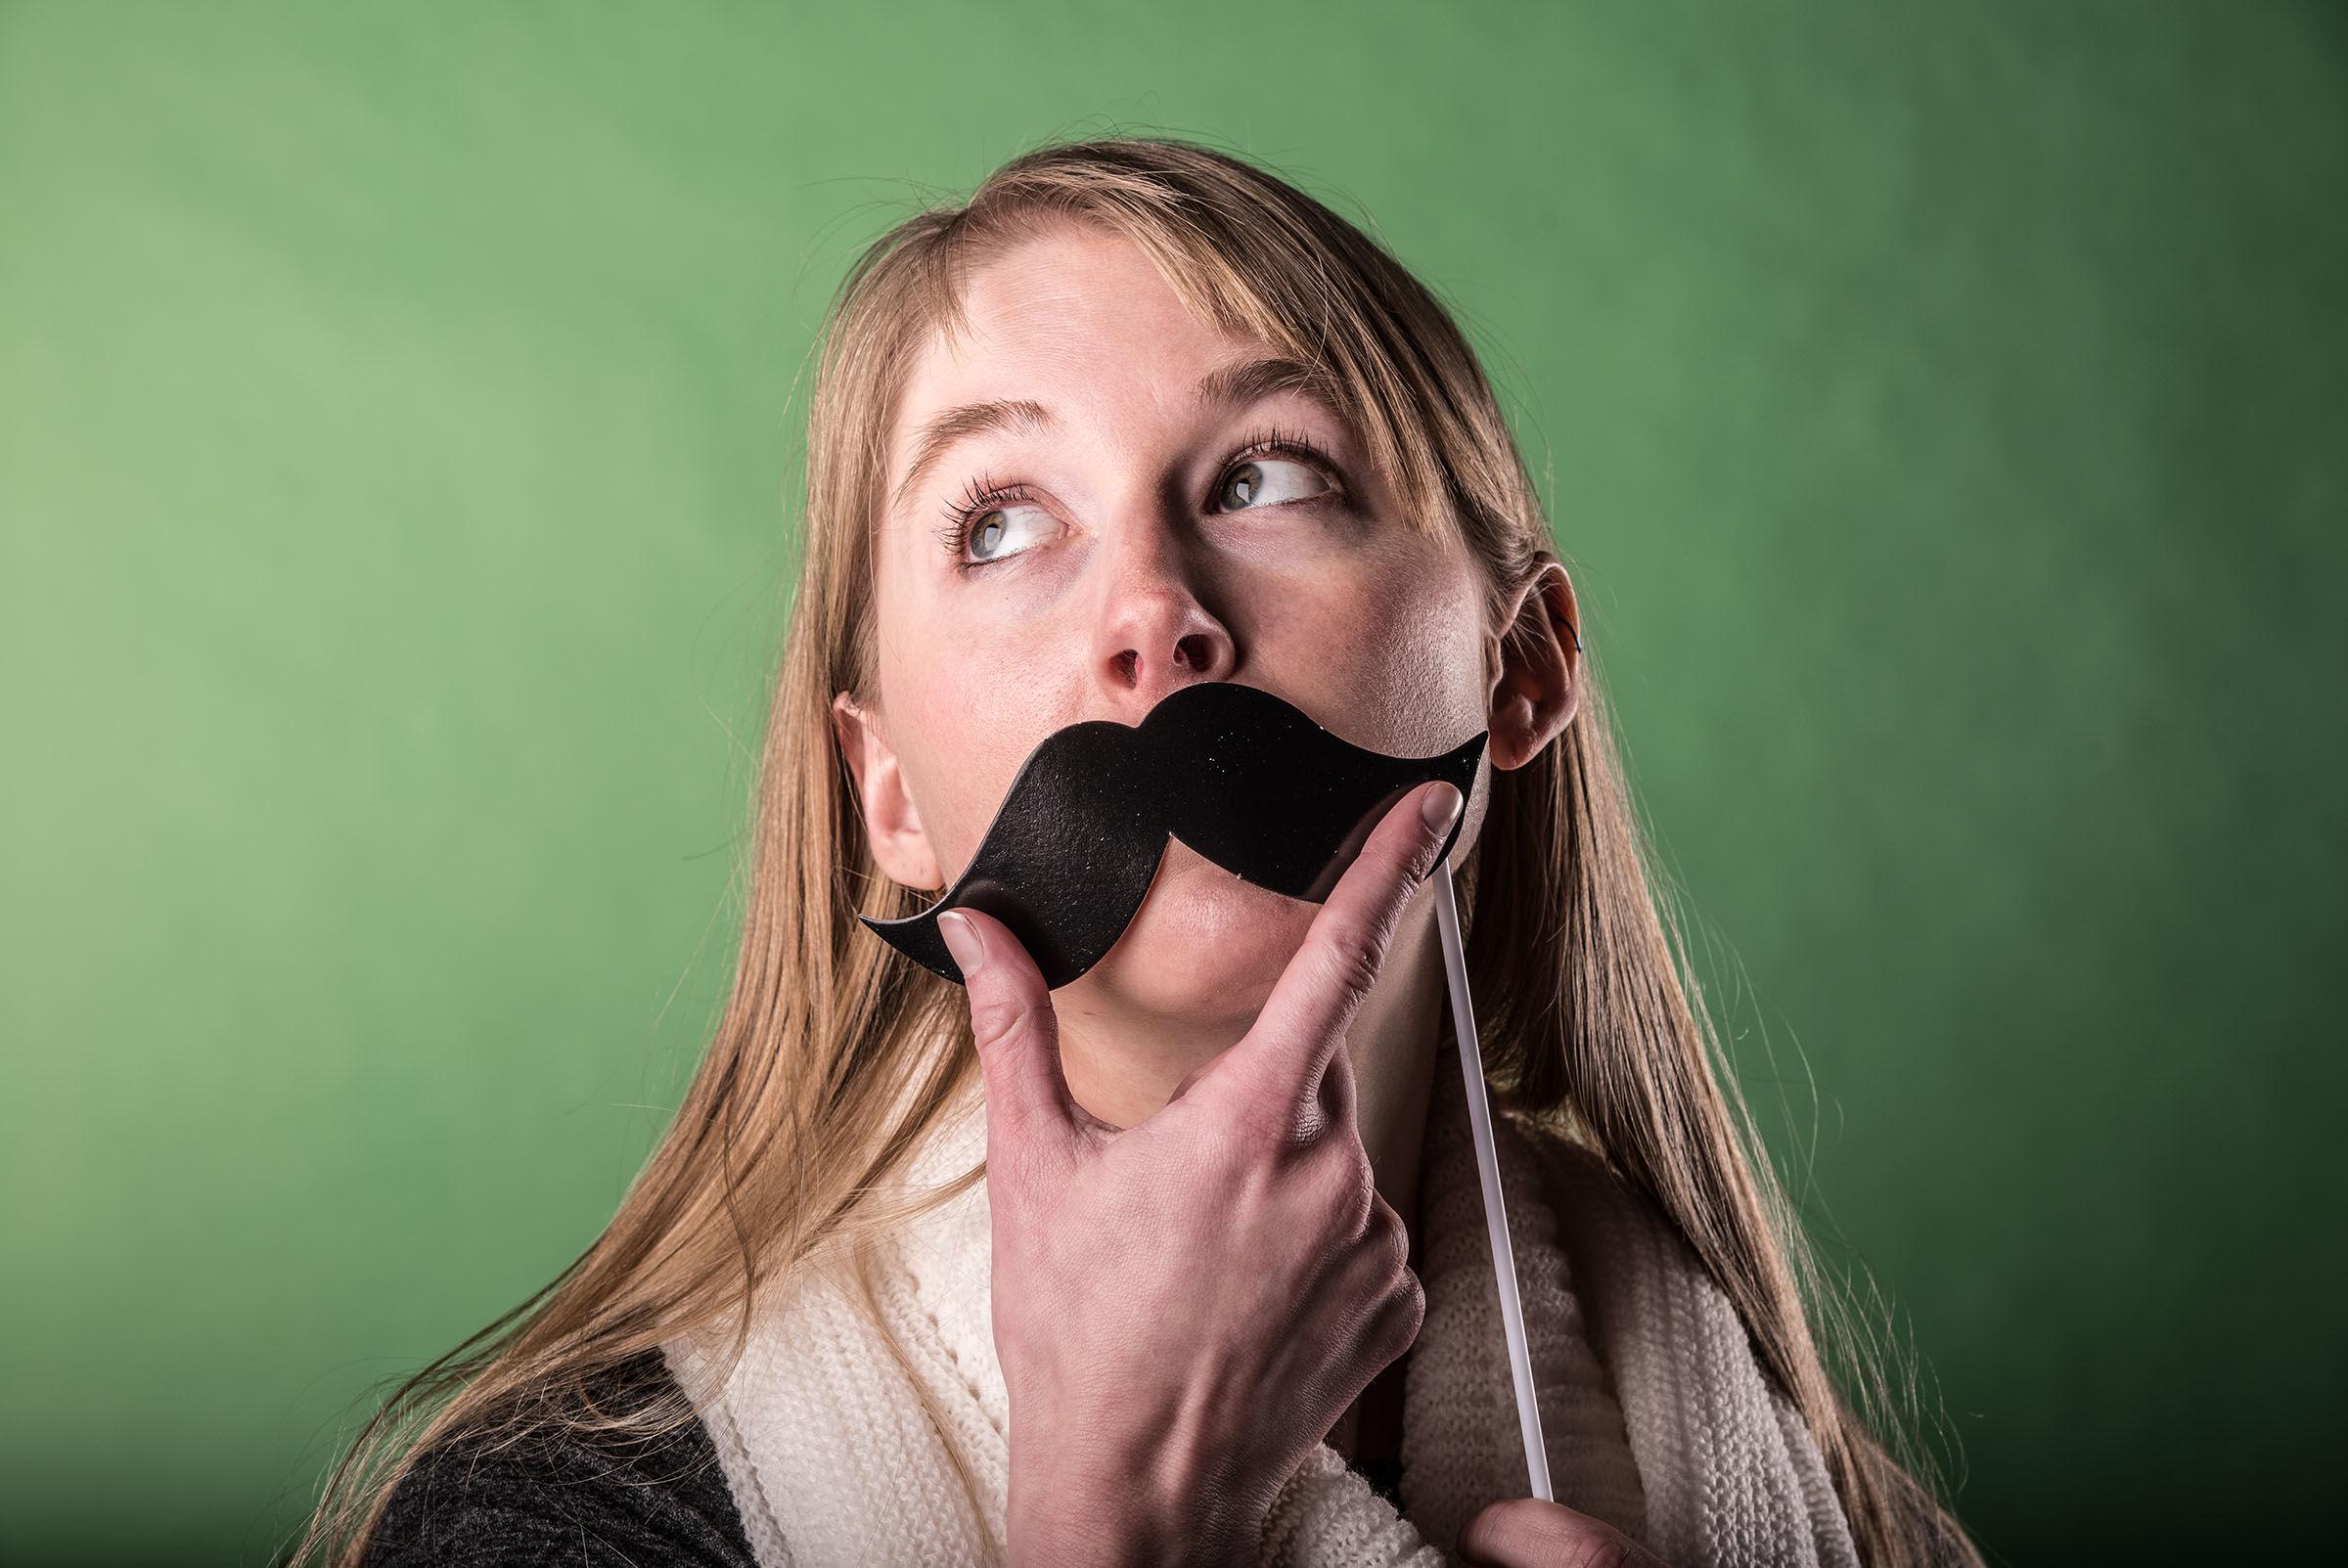 Portrait of woman wearing mustache